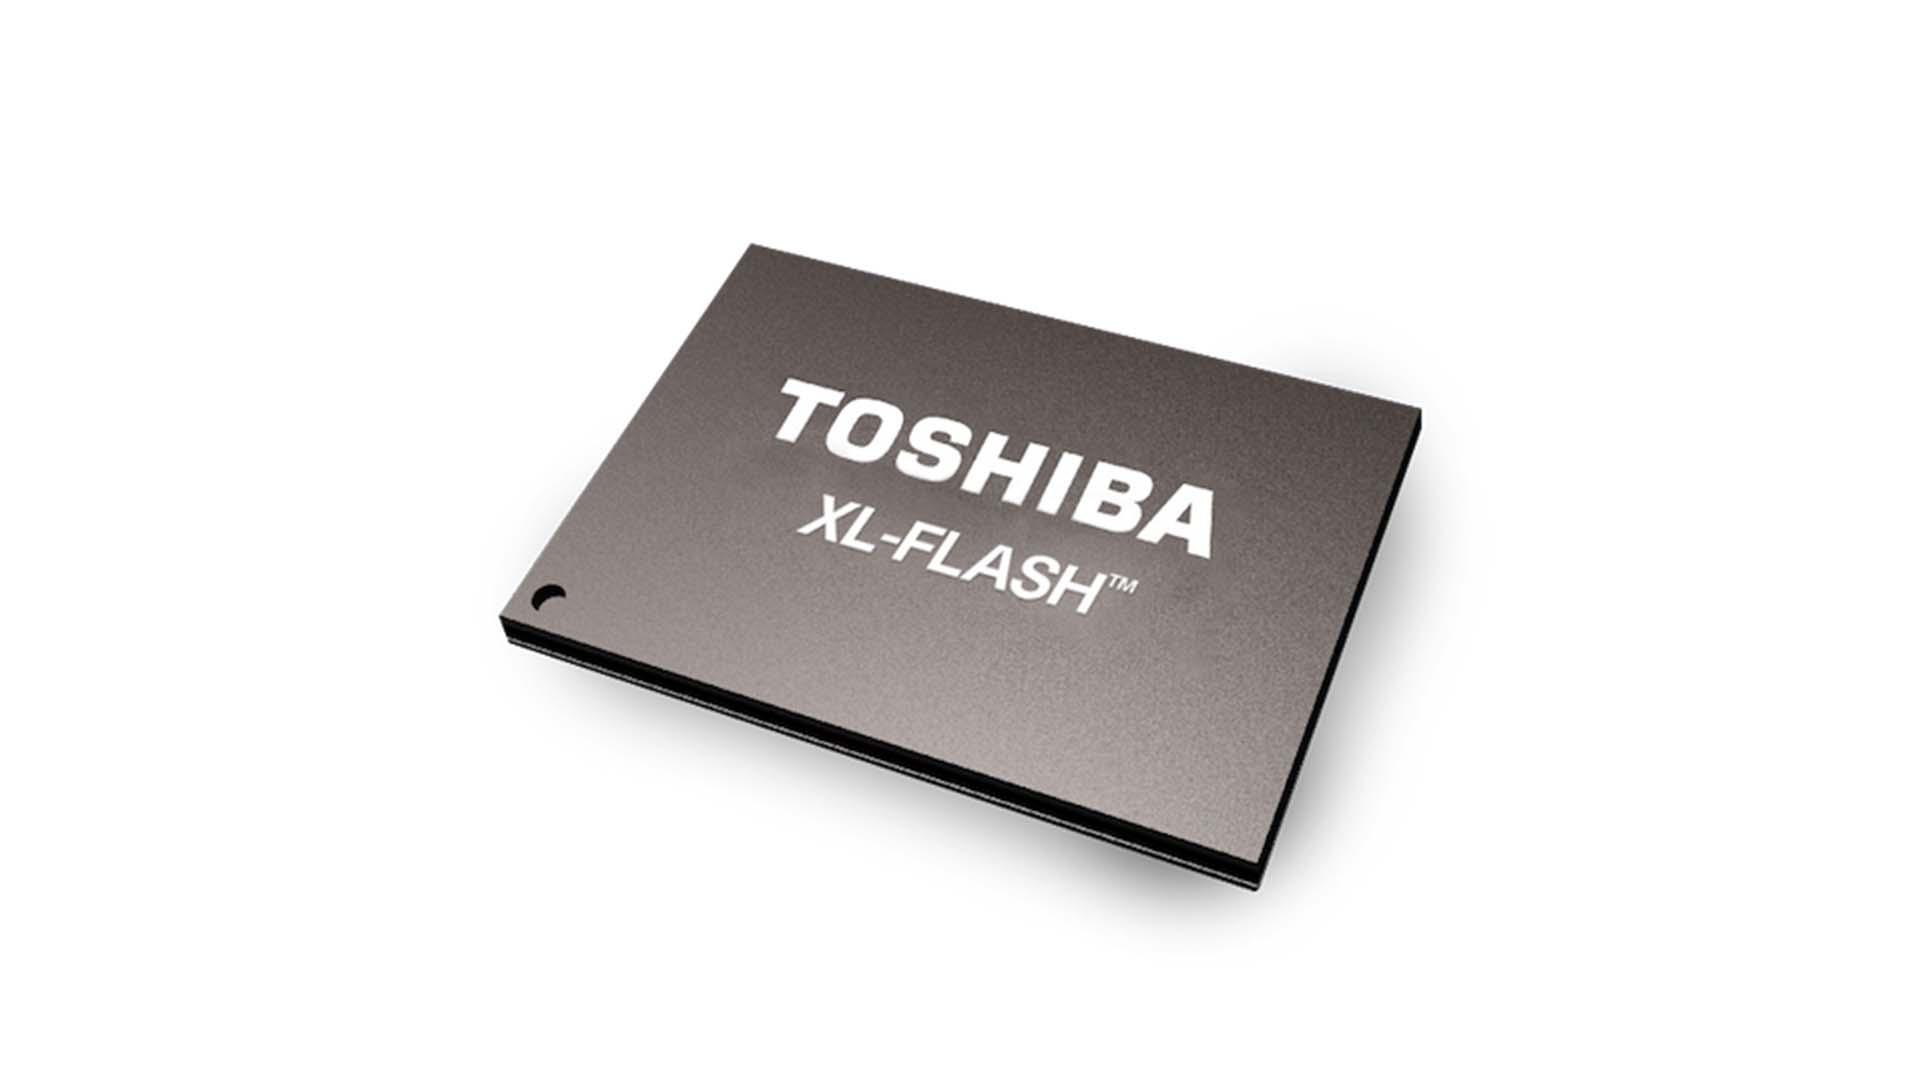 延遲表現更低,Toshiba 發表 3D SLC NAND Flash 基礎的 XL-Flash - BenchLife